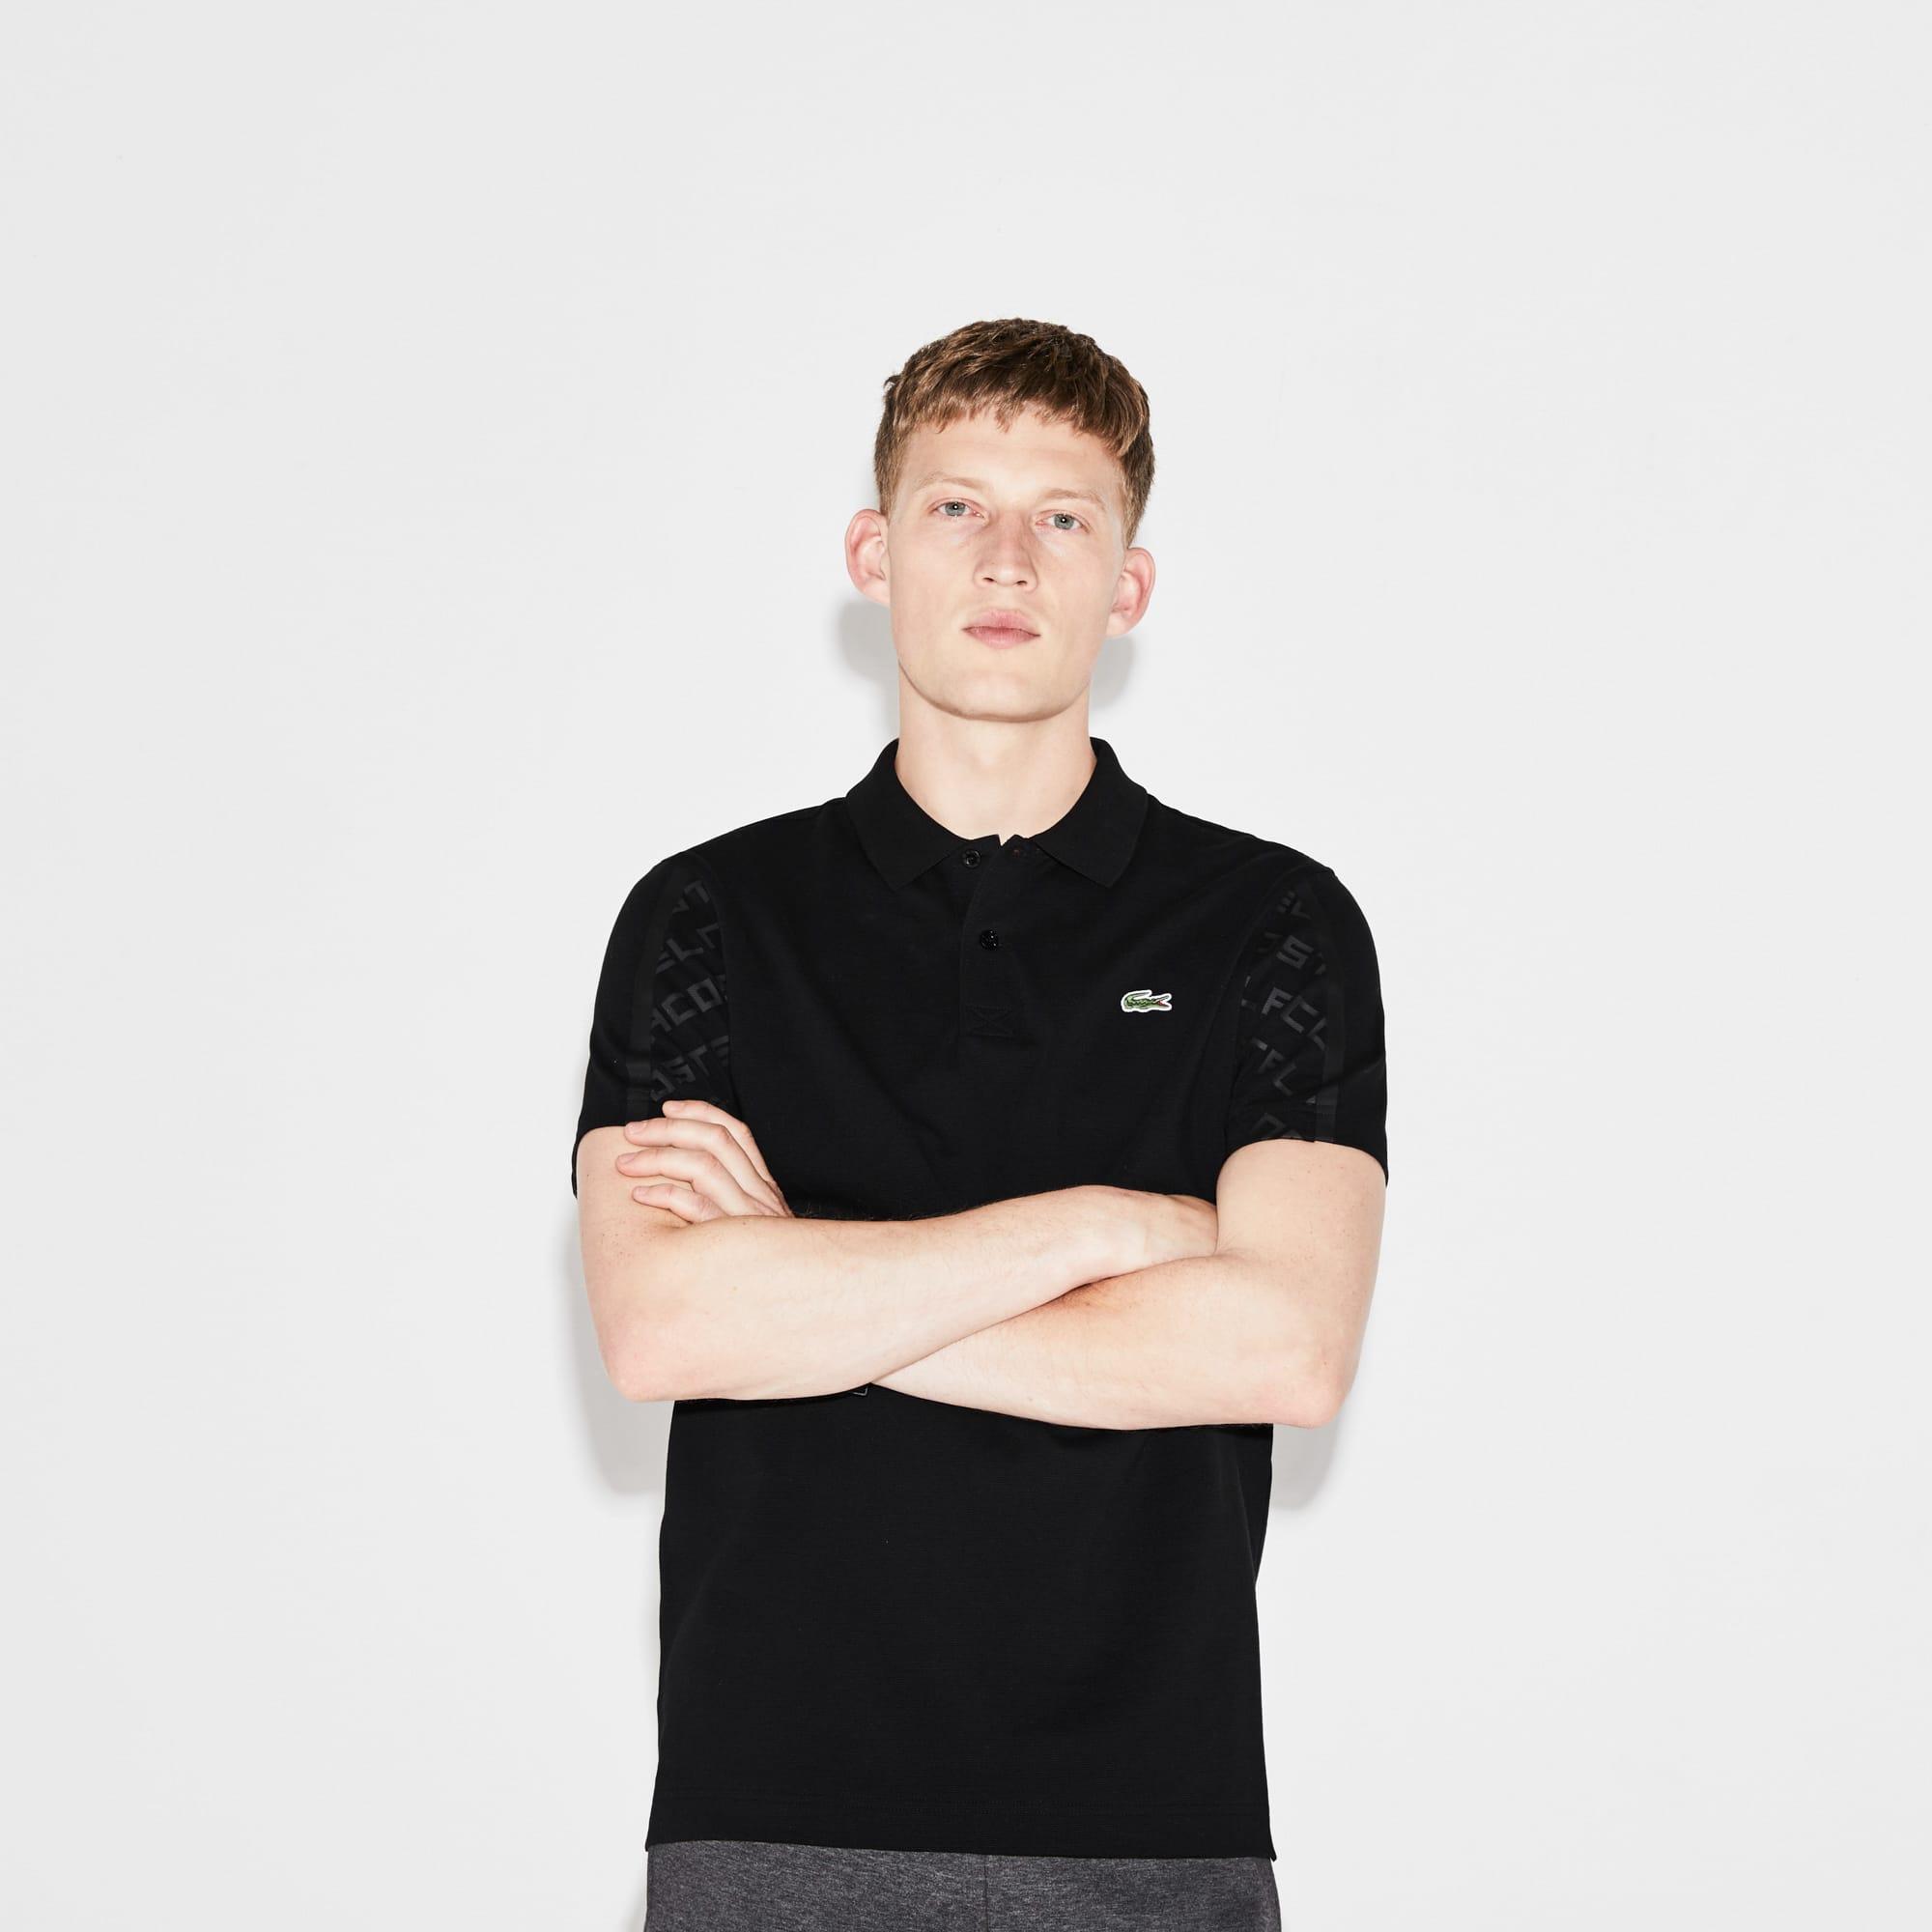 قميص بولو محبوك من نسيج خفيف، ذو أكمام مطبوعة من مجموعة Lacoste SPORT Tennis للرجال.